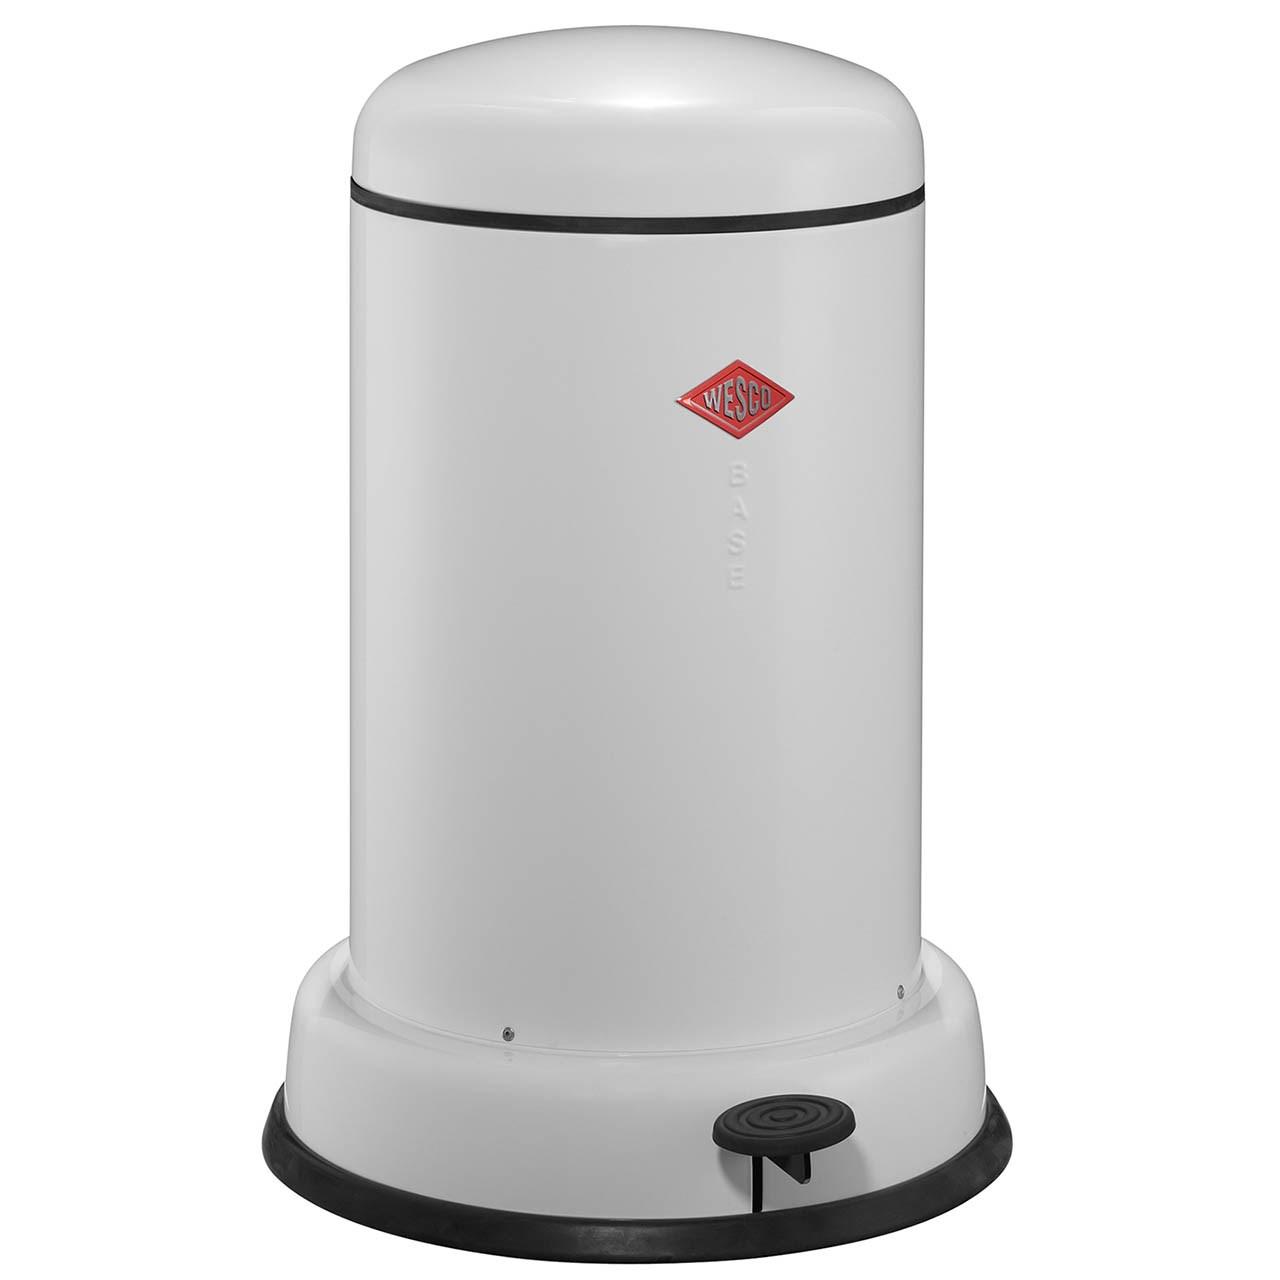 سطل زباله وسکو مدل 135331 15 لیتر